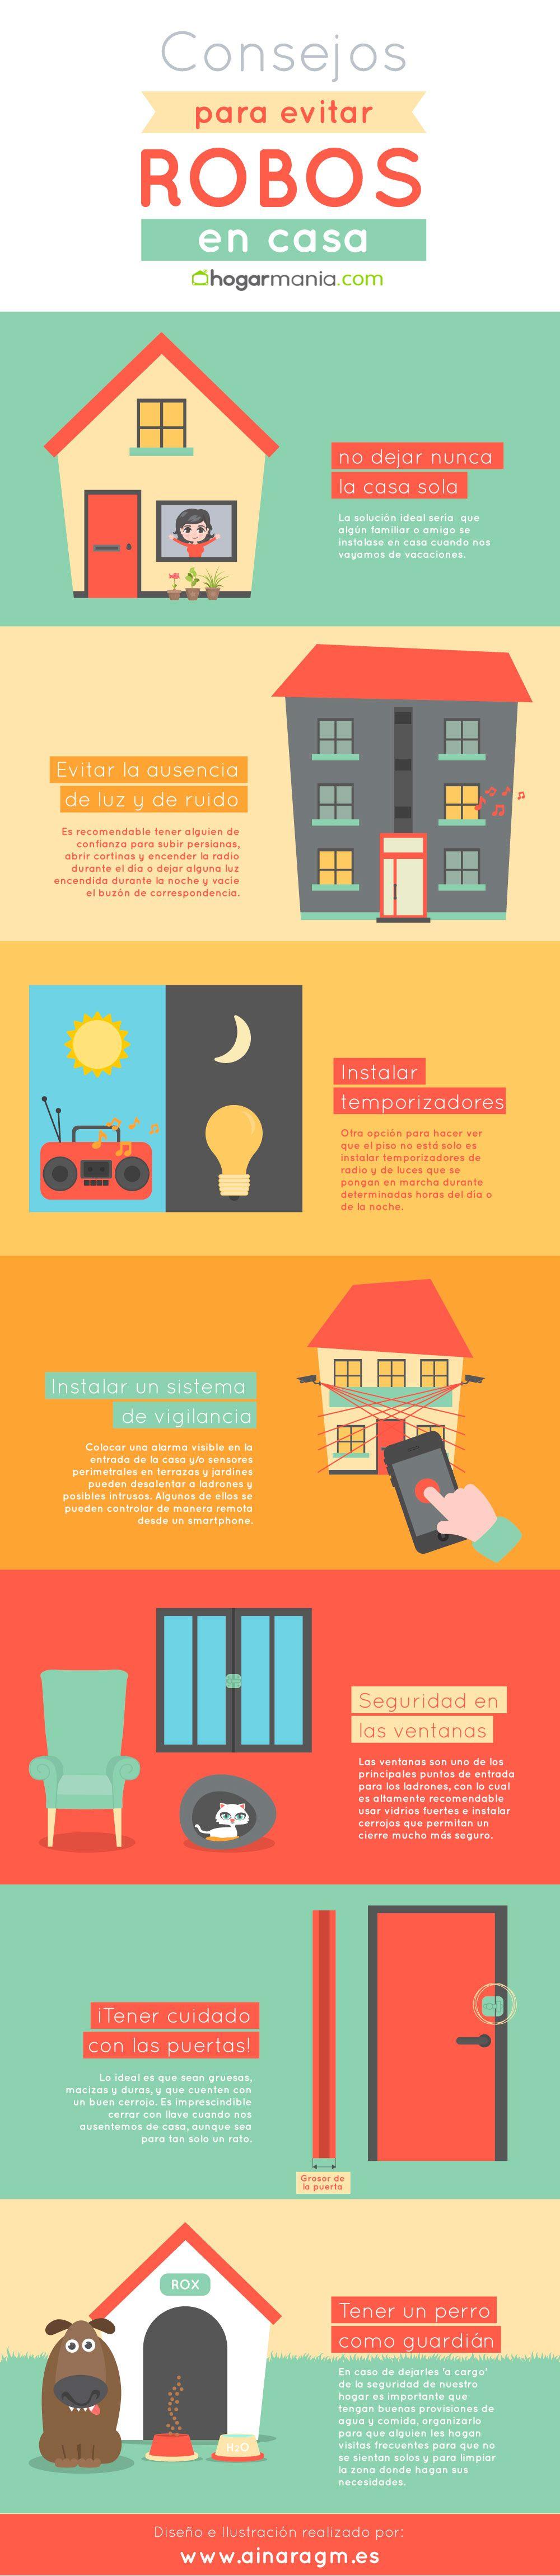 Infograf a 7 consejos para proteger tu casa de robos en - Seguridad en tu casa ...